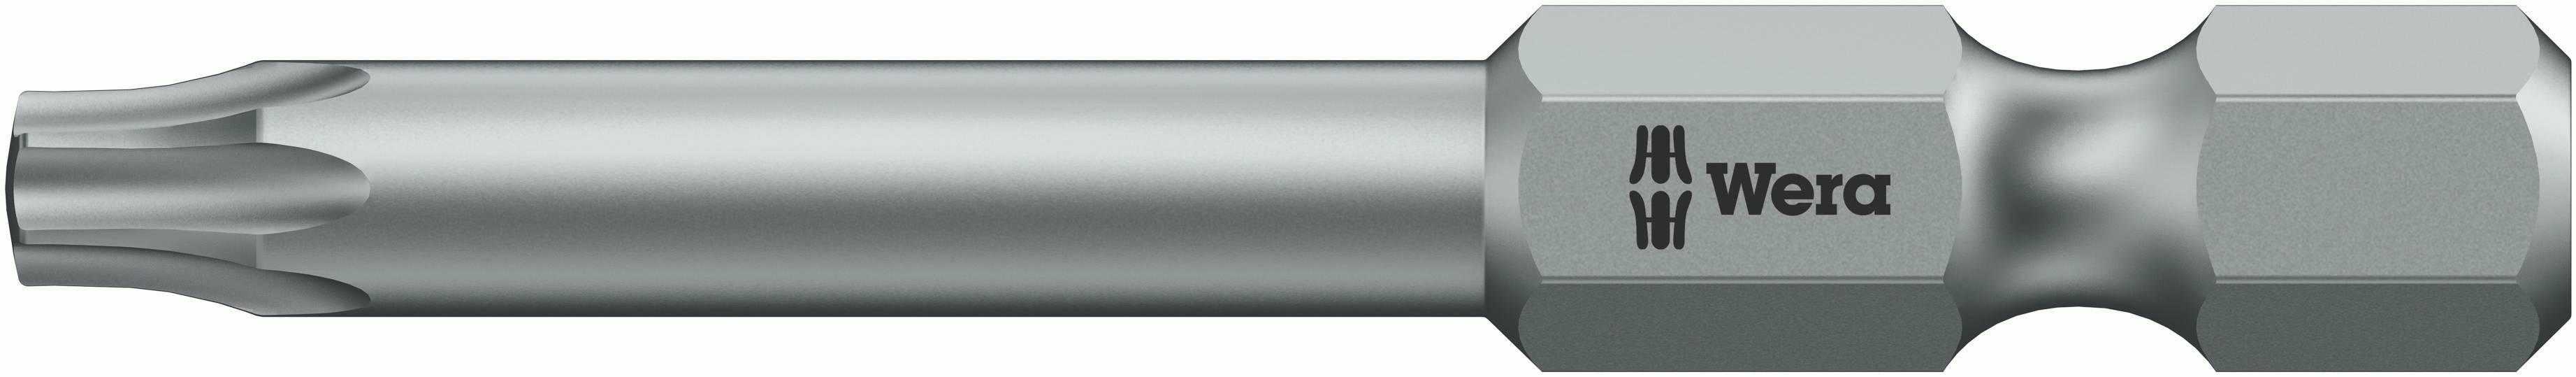 Bit Torx Wera 867 / 4 Z TORX 15 X 70 MM 05060105001, 70 mm, nástrojová oceľ, legované, 1 ks